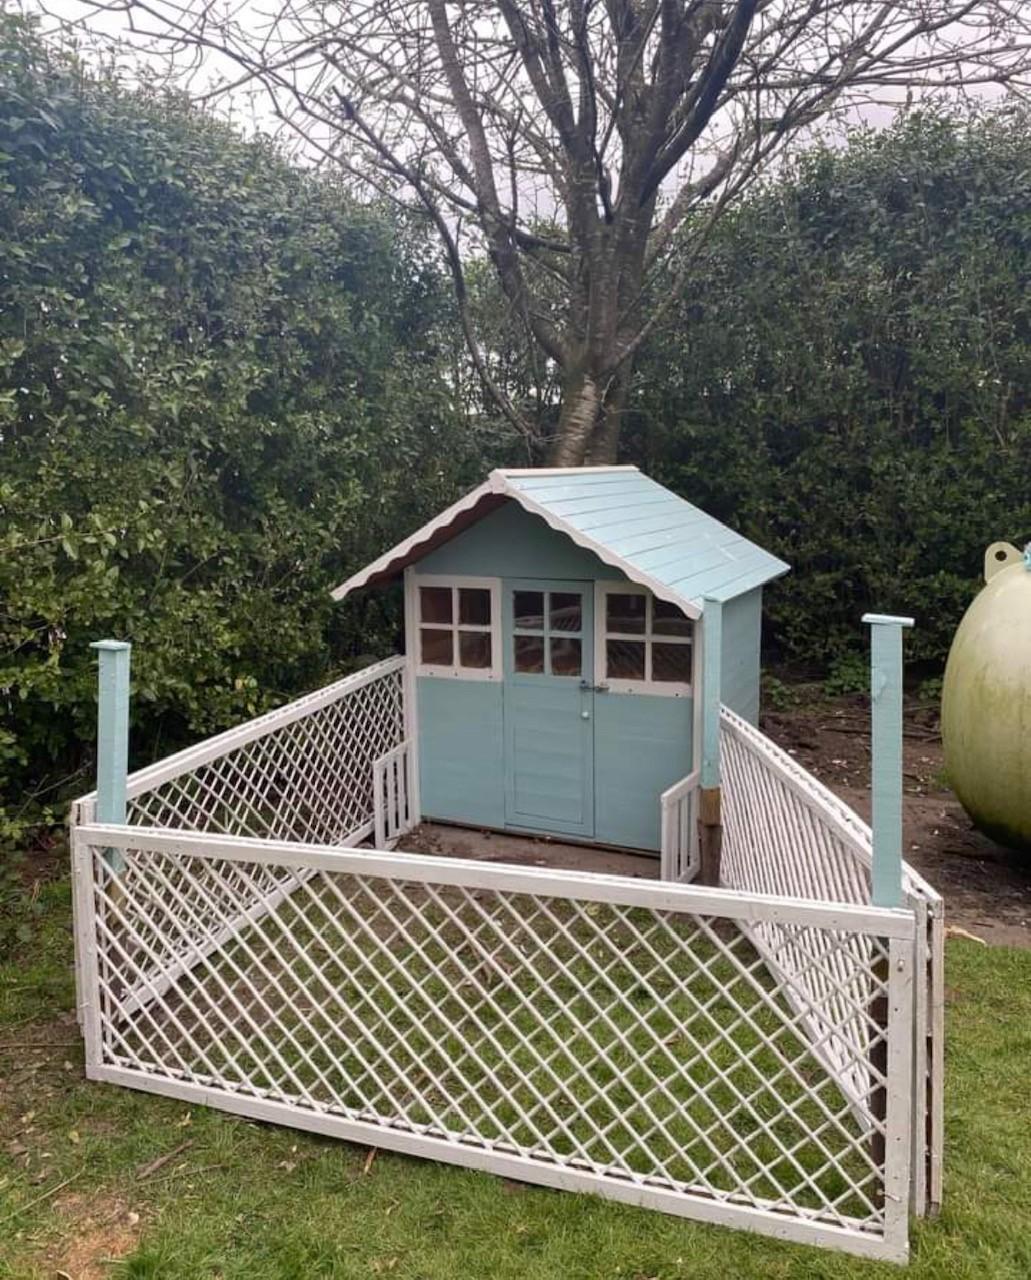 Suitable Housing for a pet Rabbit